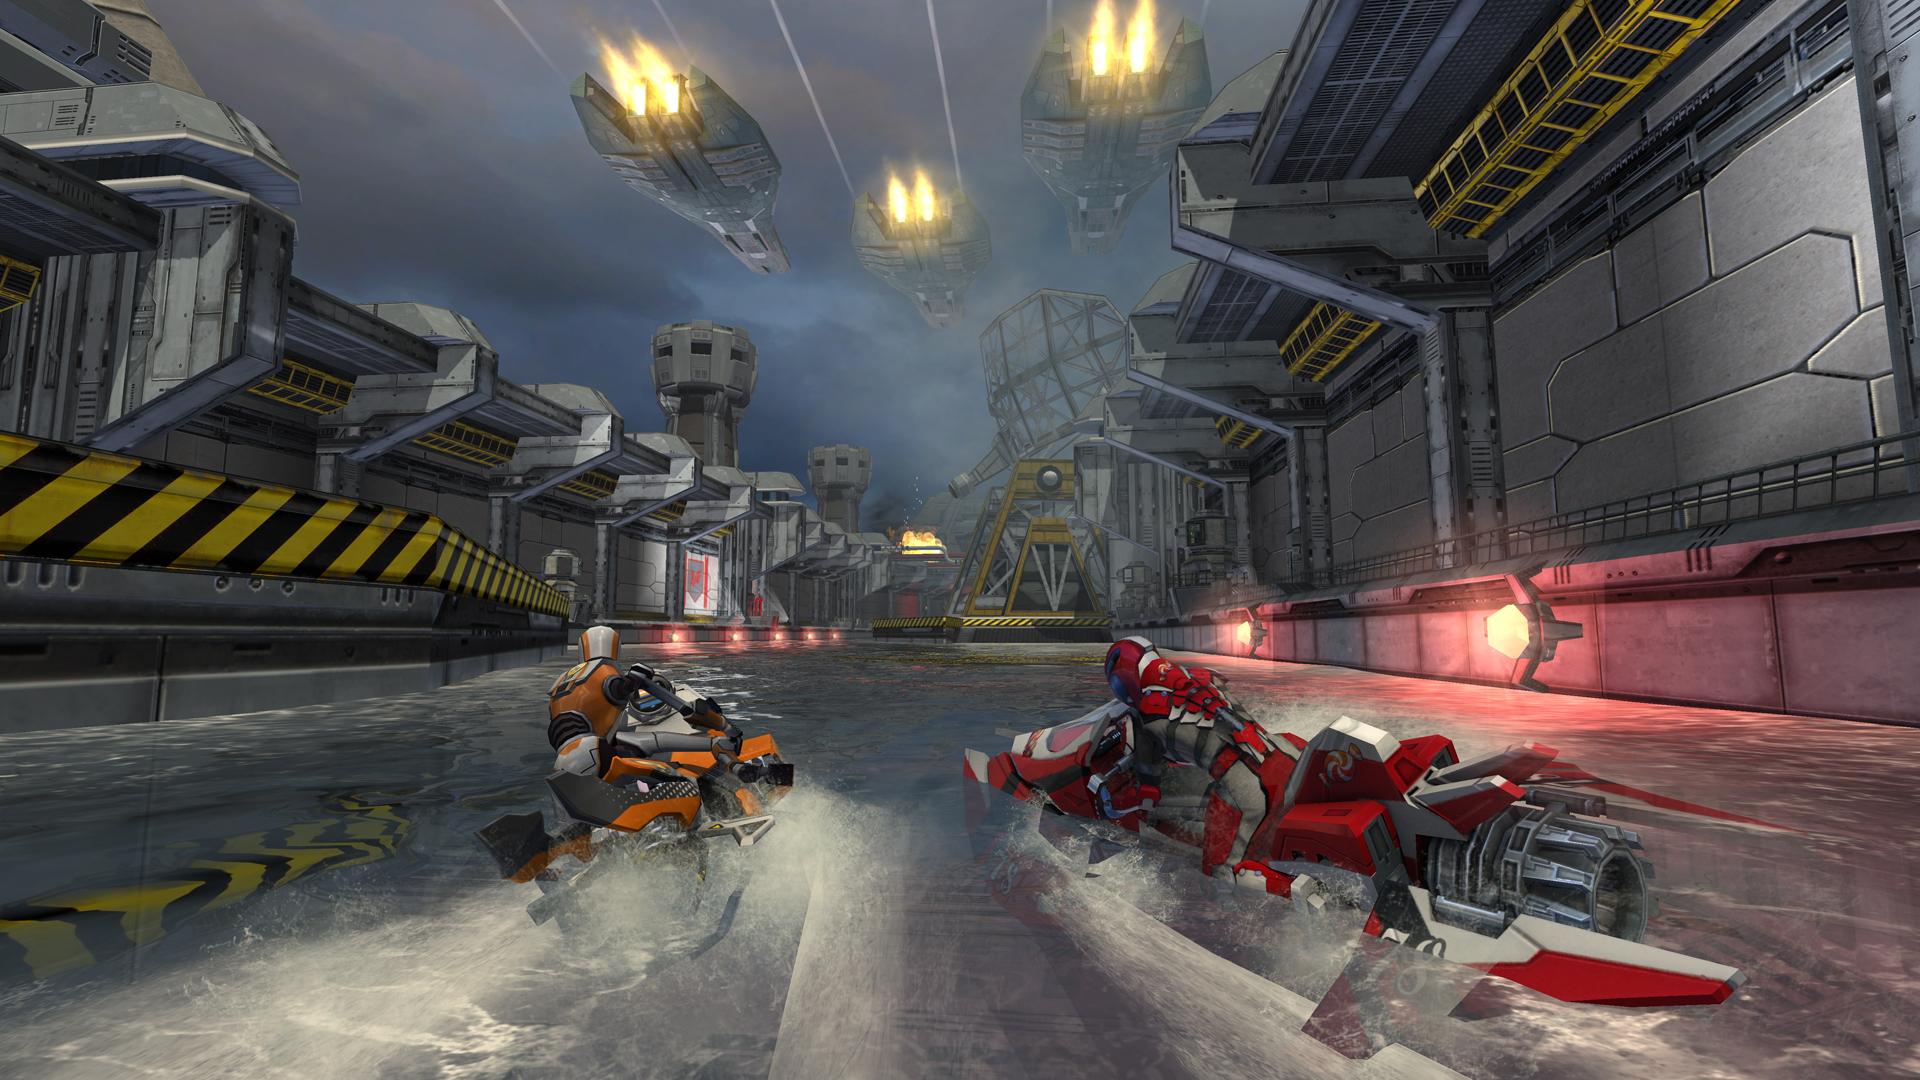 Riptide GP: Renegade screenshot 15